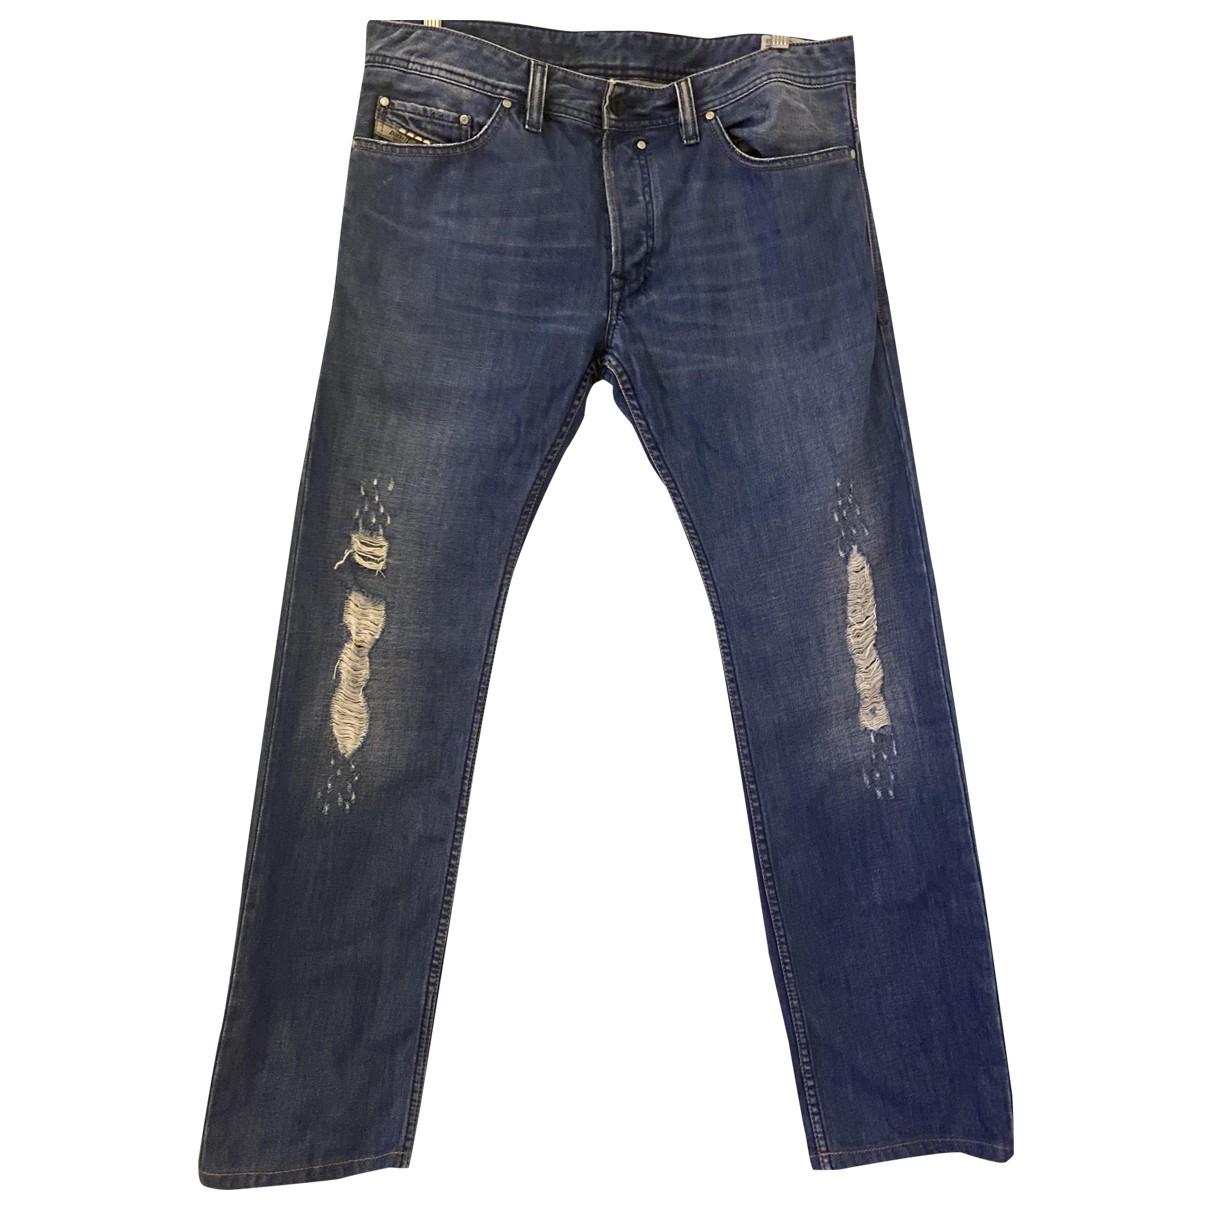 Diesel - Jean   pour homme en coton